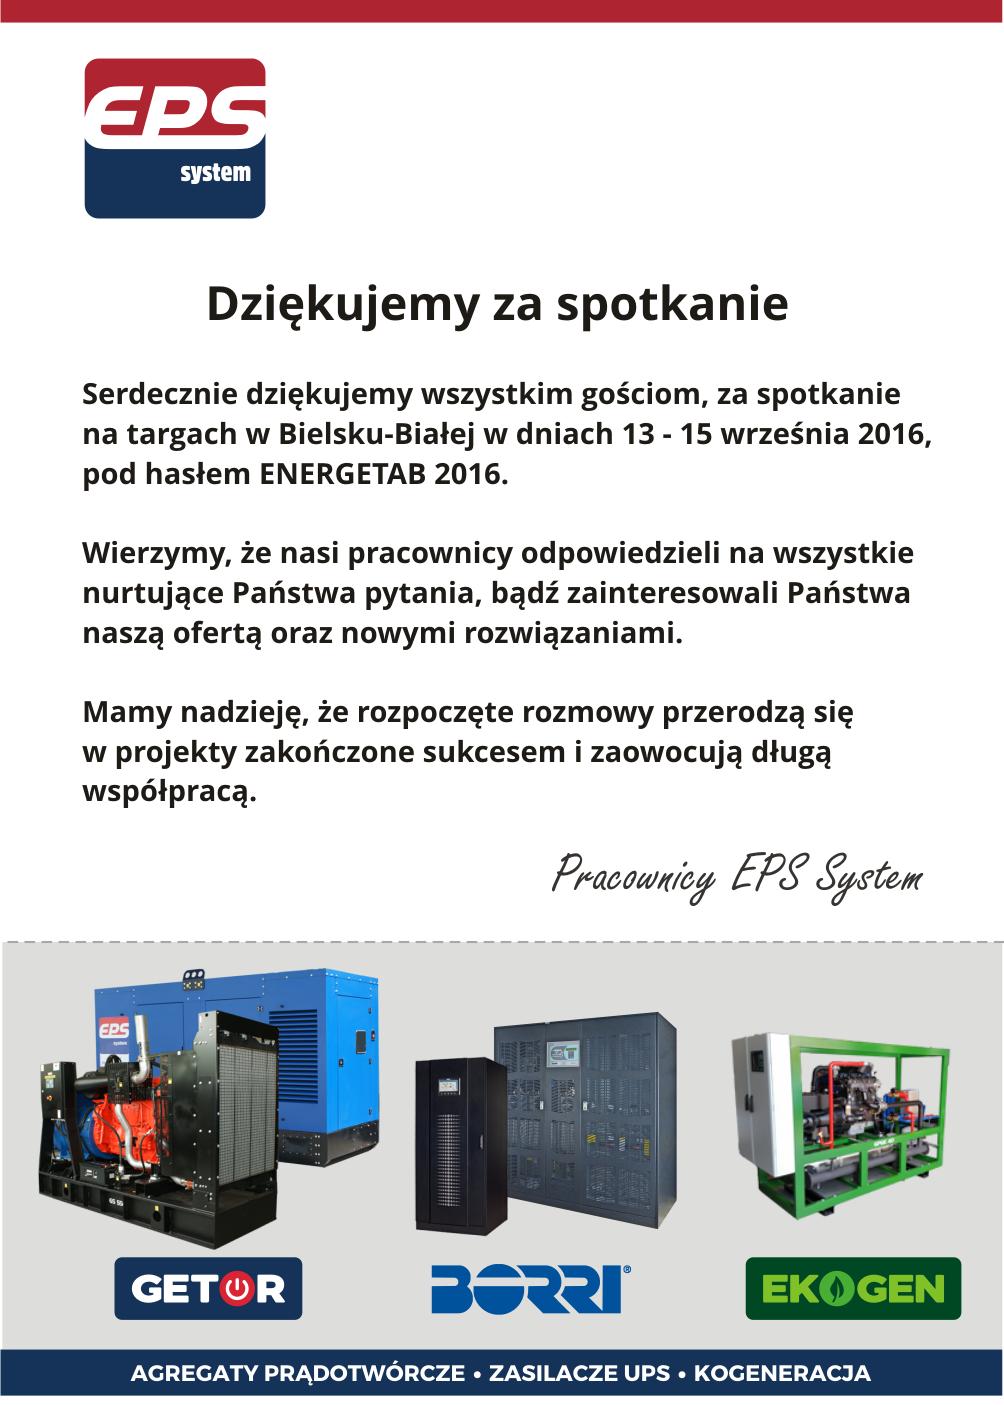 energetab 2016 targi eps system